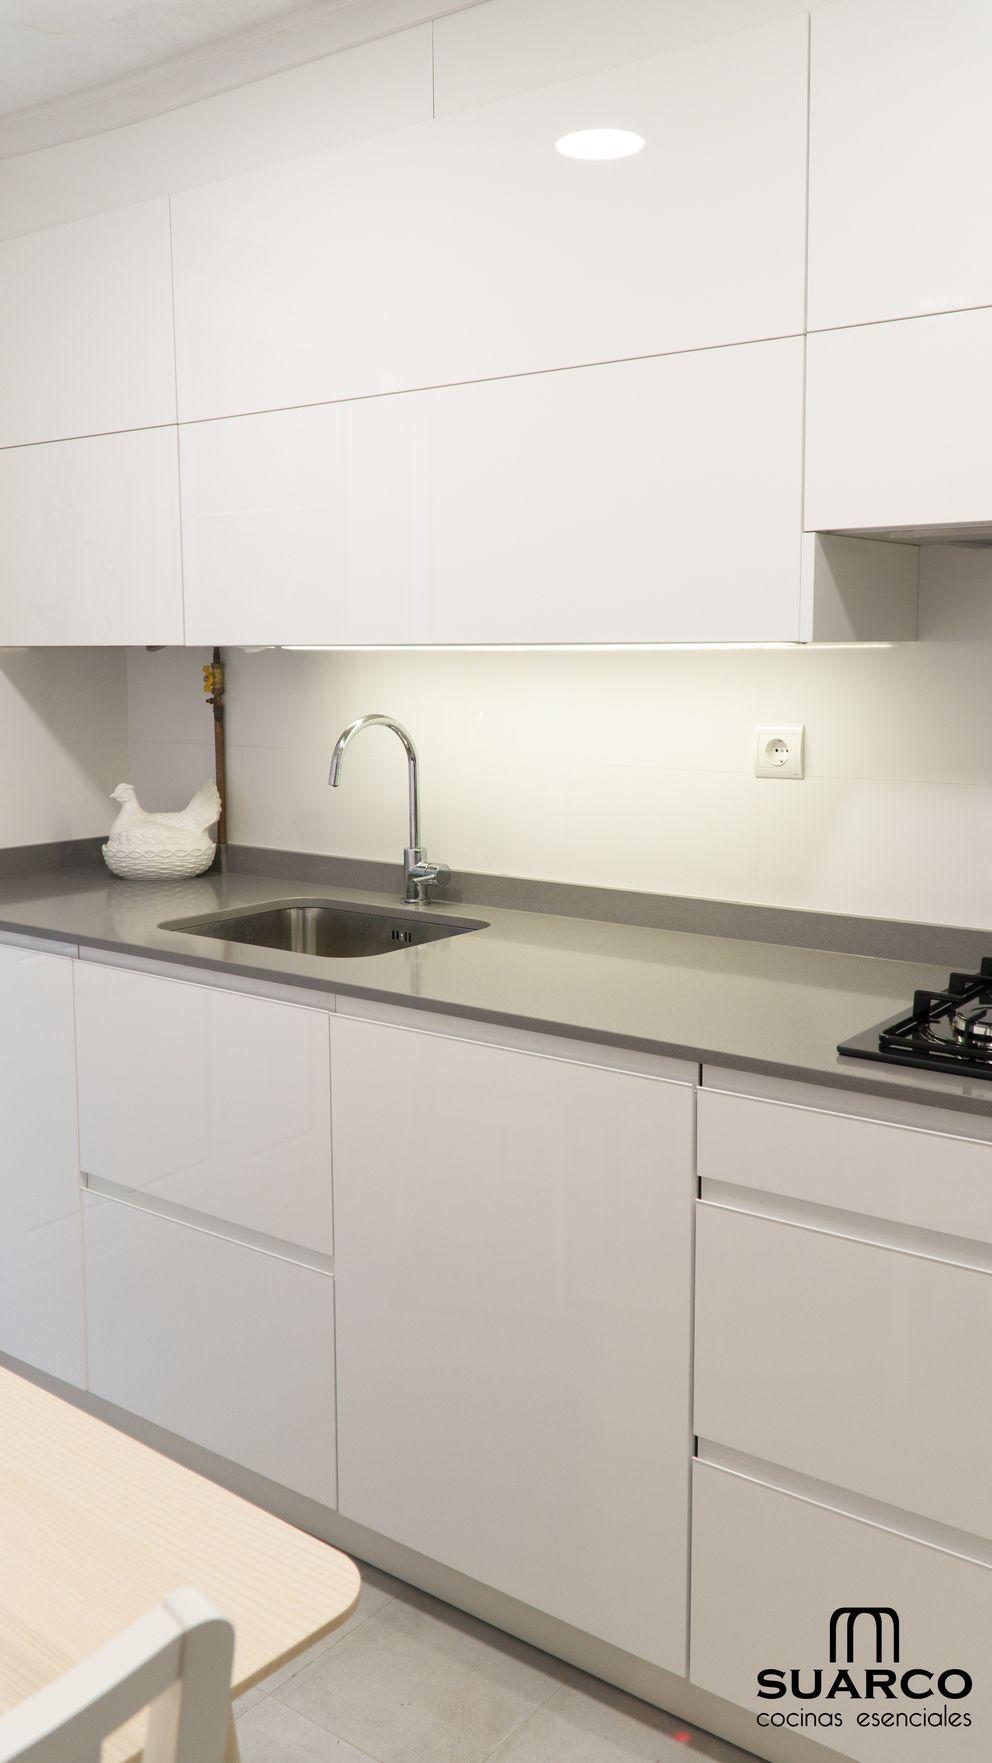 Cocina Pequena Blanca De 8m2 En Forma De L Con Encimera De Cocina Silestone Encimeras De Cocina Cocinas De Casa Decoracion De Cocina